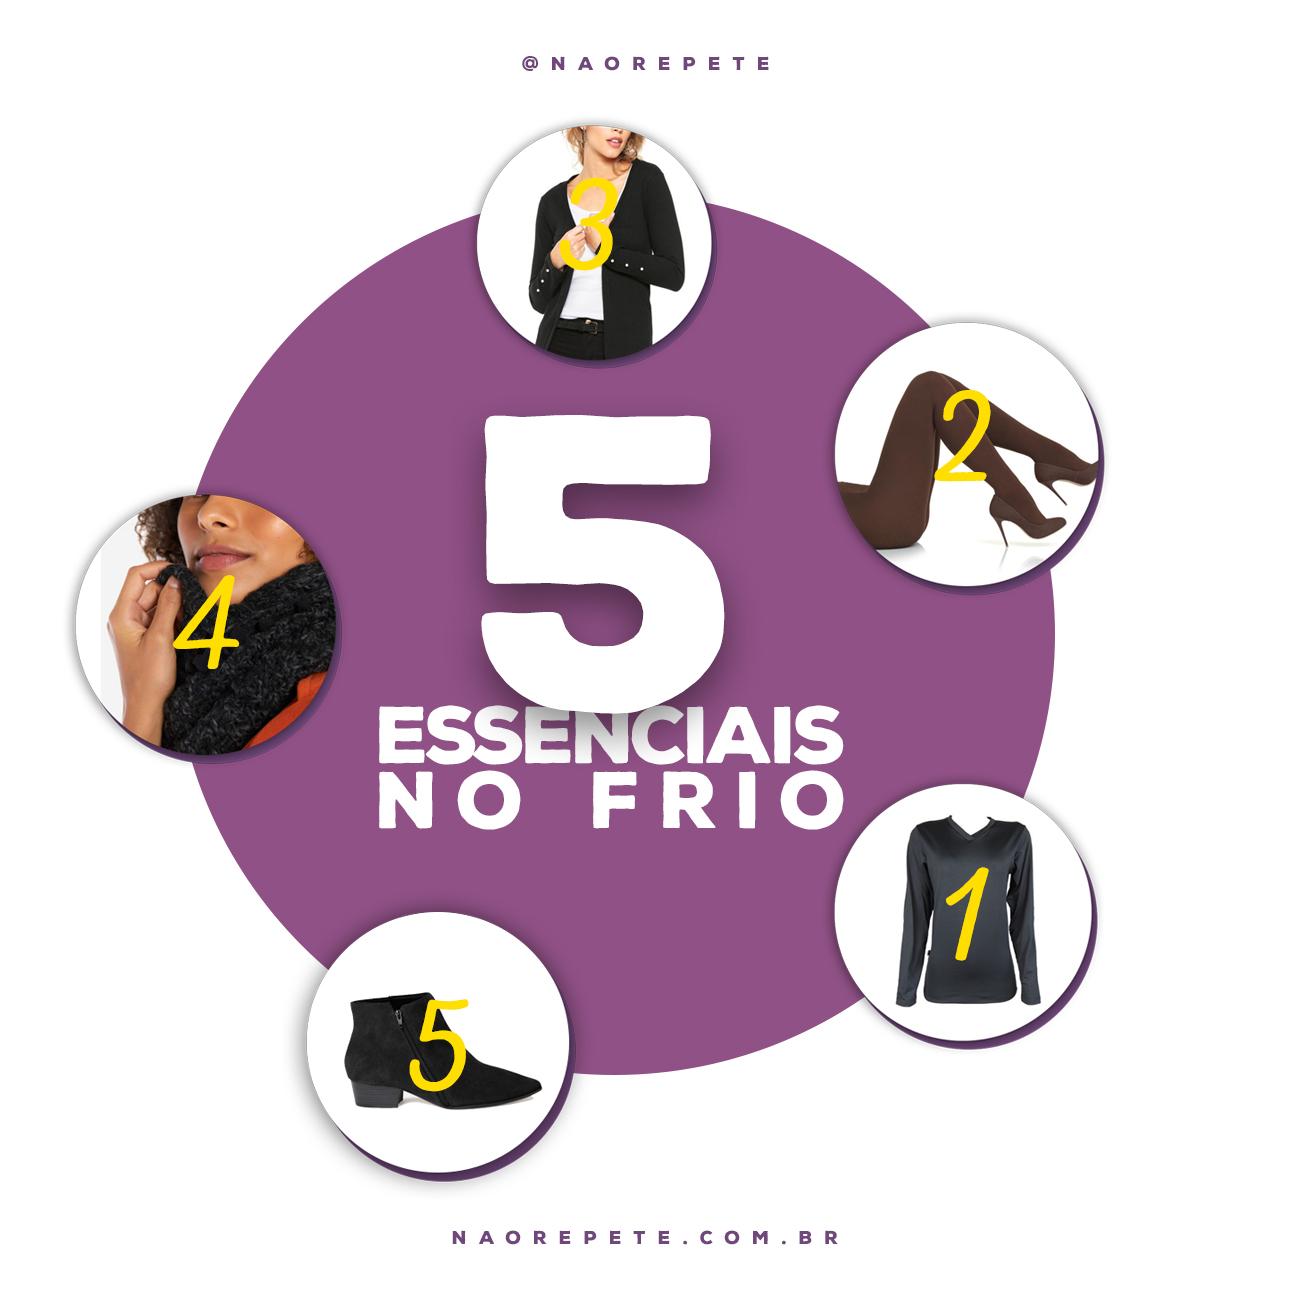 5-essenciais-no-frio